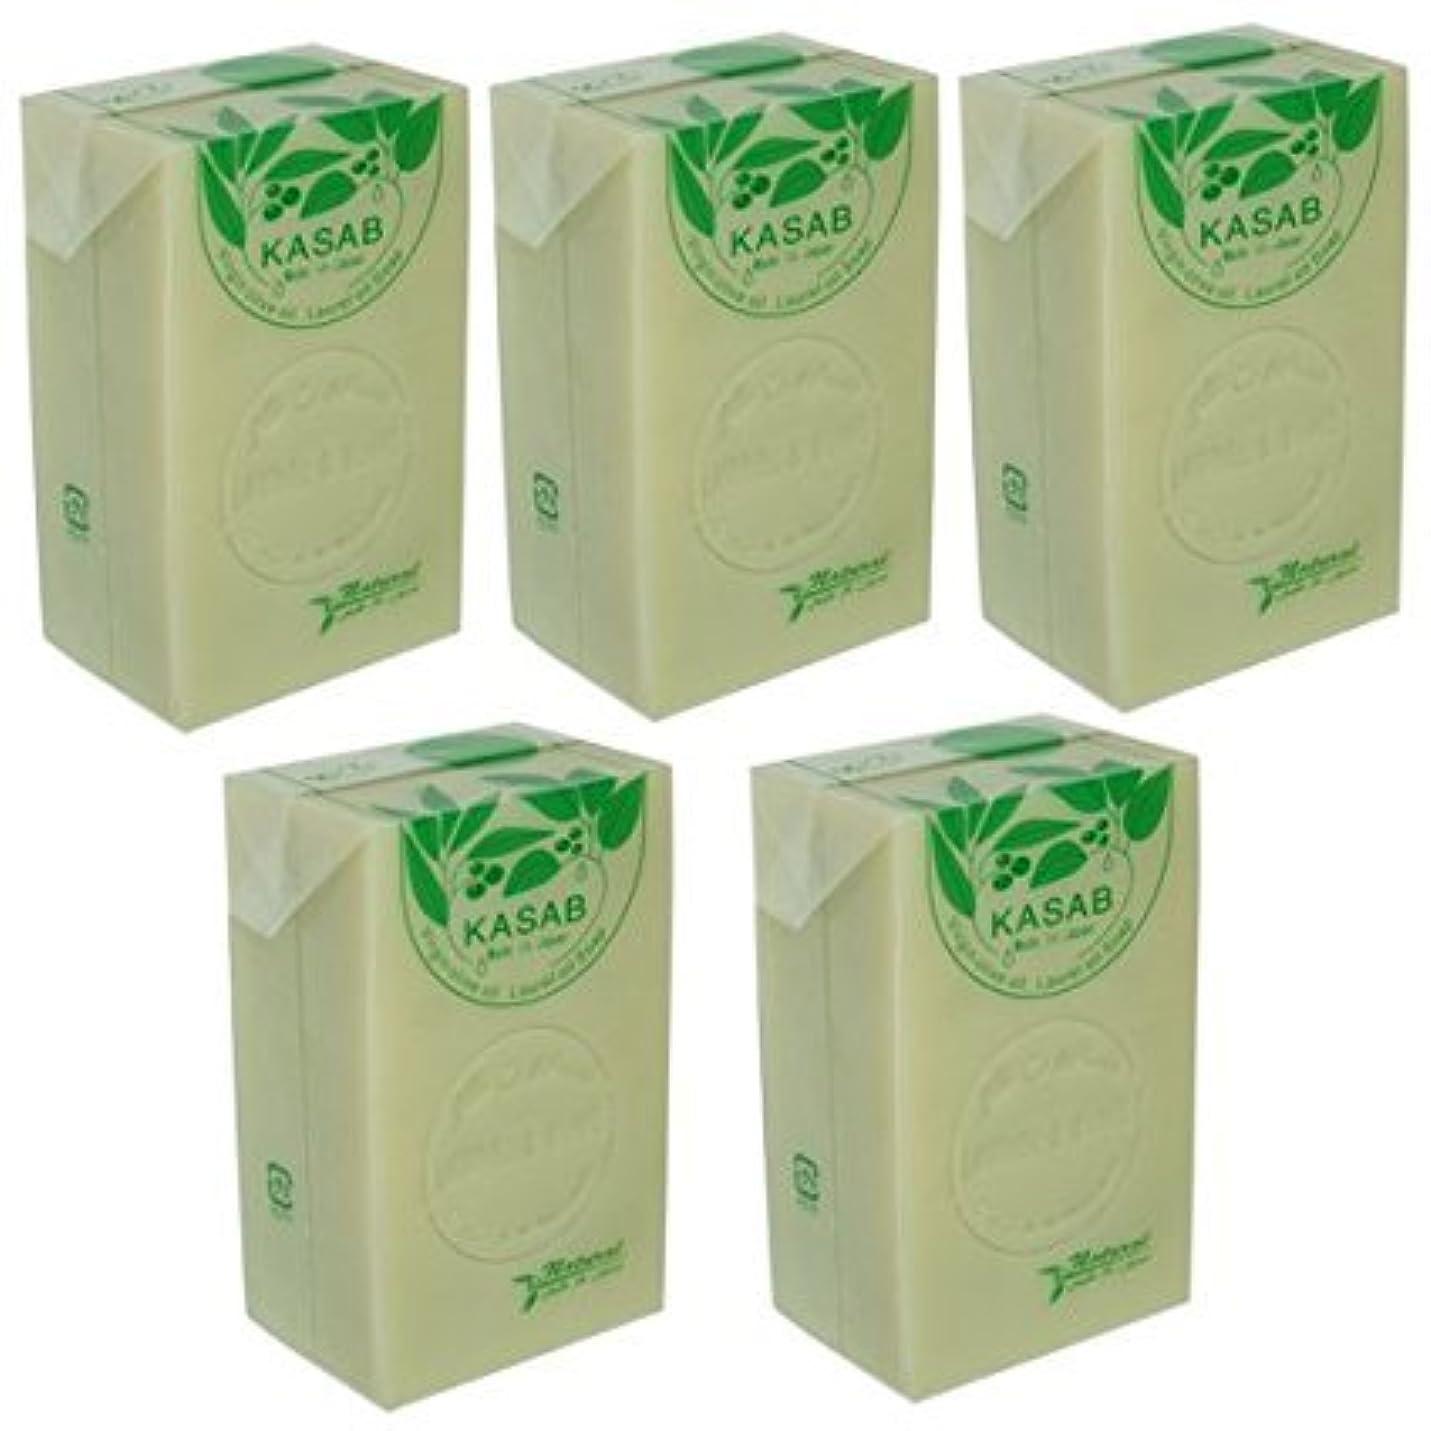 処方するヘロイン学部カサブ石鹸5個セット